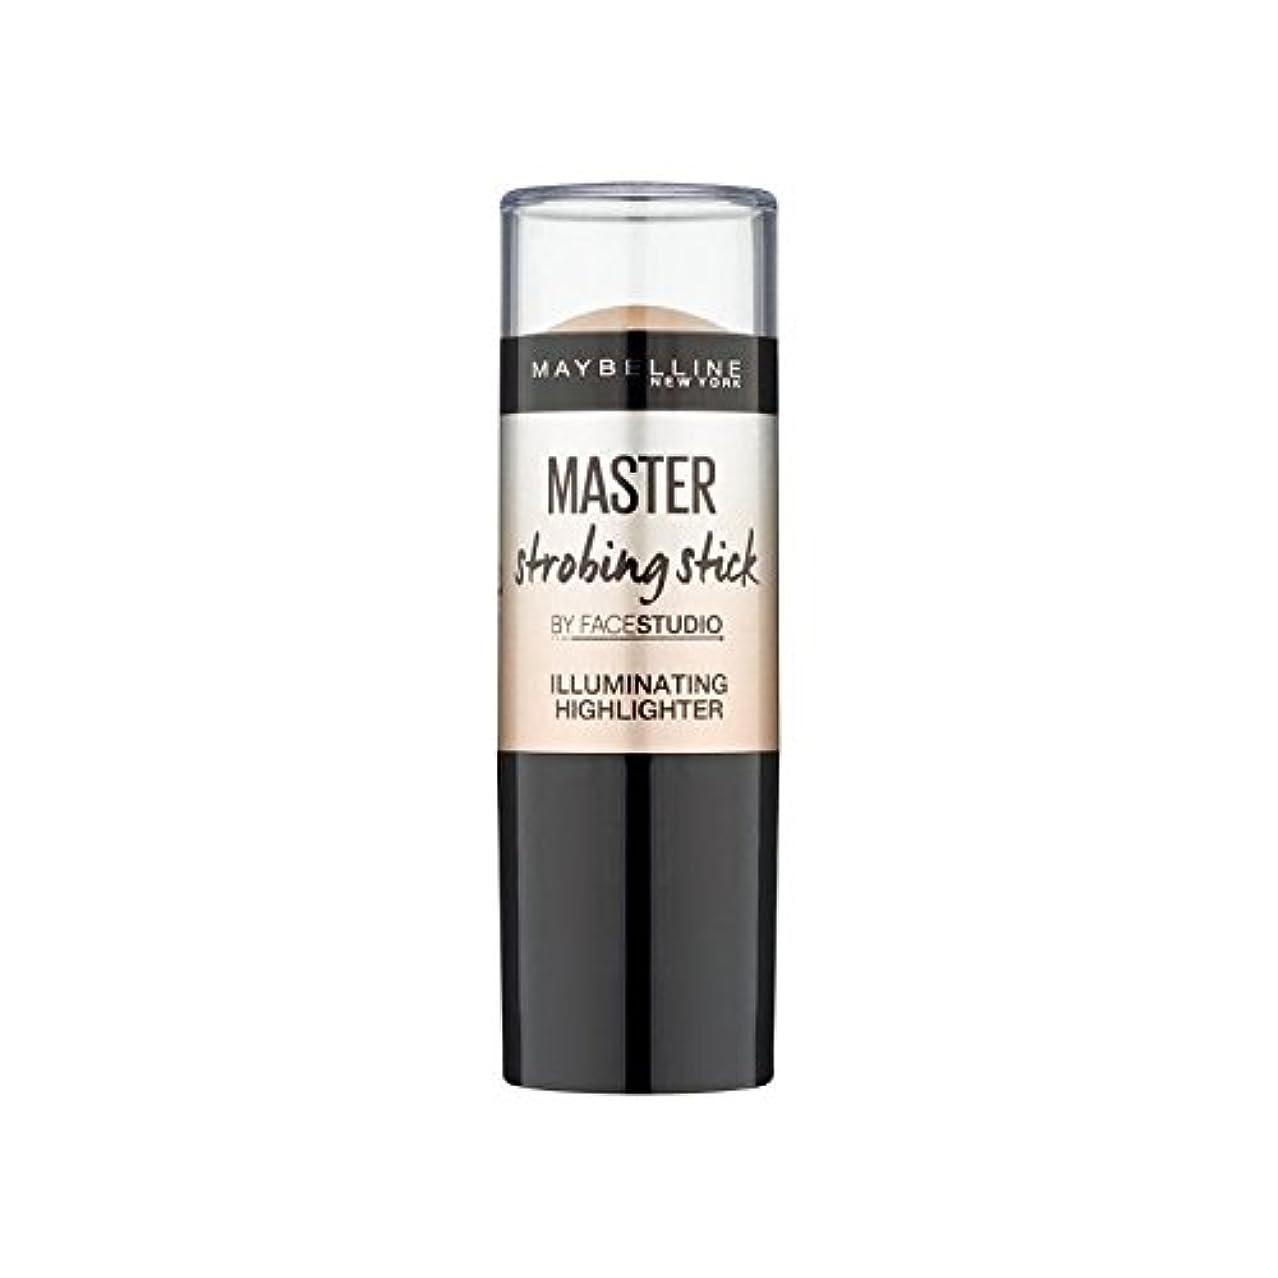 ケープ取得するテレビ局メイベリンマスターストロボスティック媒体 x4 - Maybelline Master Strobing Stick Medium (Pack of 4) [並行輸入品]